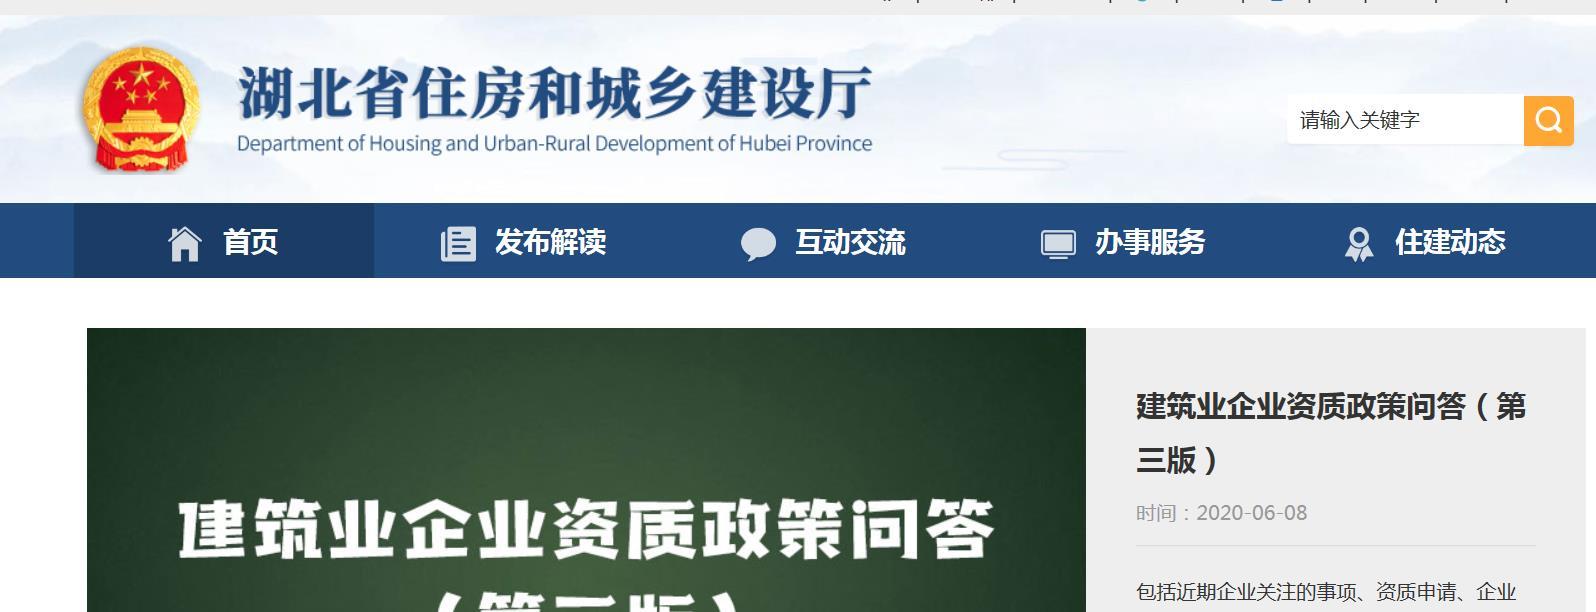 2020年湖北省建筑业企业资质政策问答_湖北省建筑资质申报建筑升级